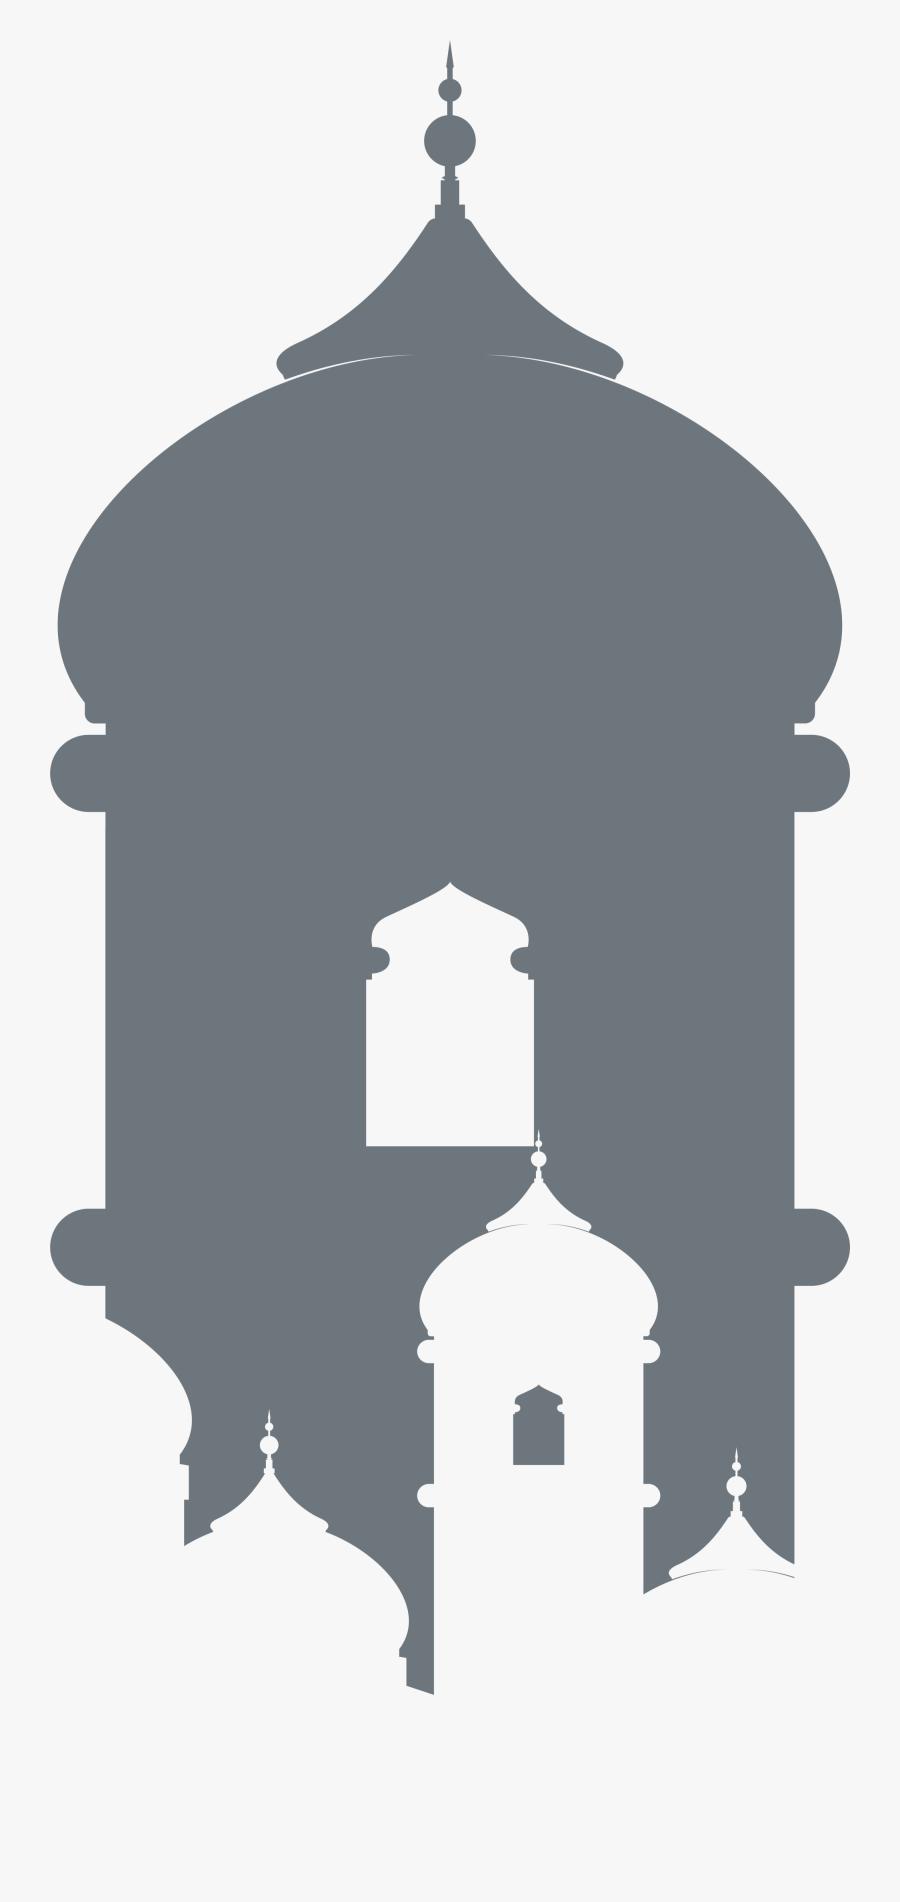 Al Roof Grey Eid Church Al-fitr Clipart - Transparent Mosque Illustration Png, Transparent Clipart